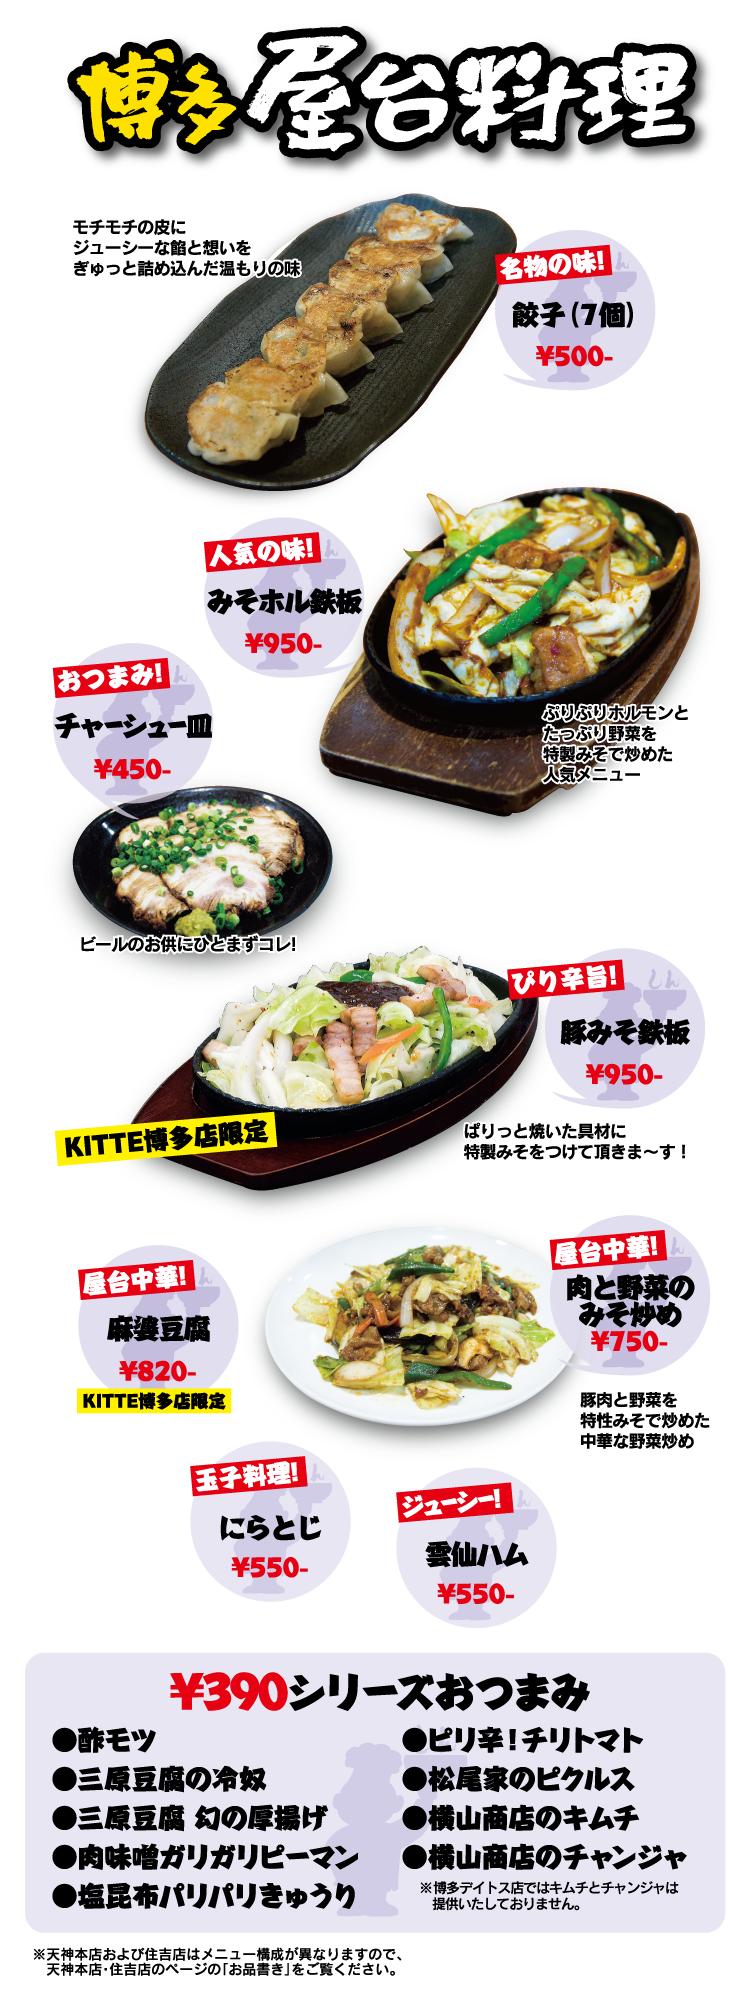 【博多デイトス店・KITTE博多店メニュー】博多屋台料理